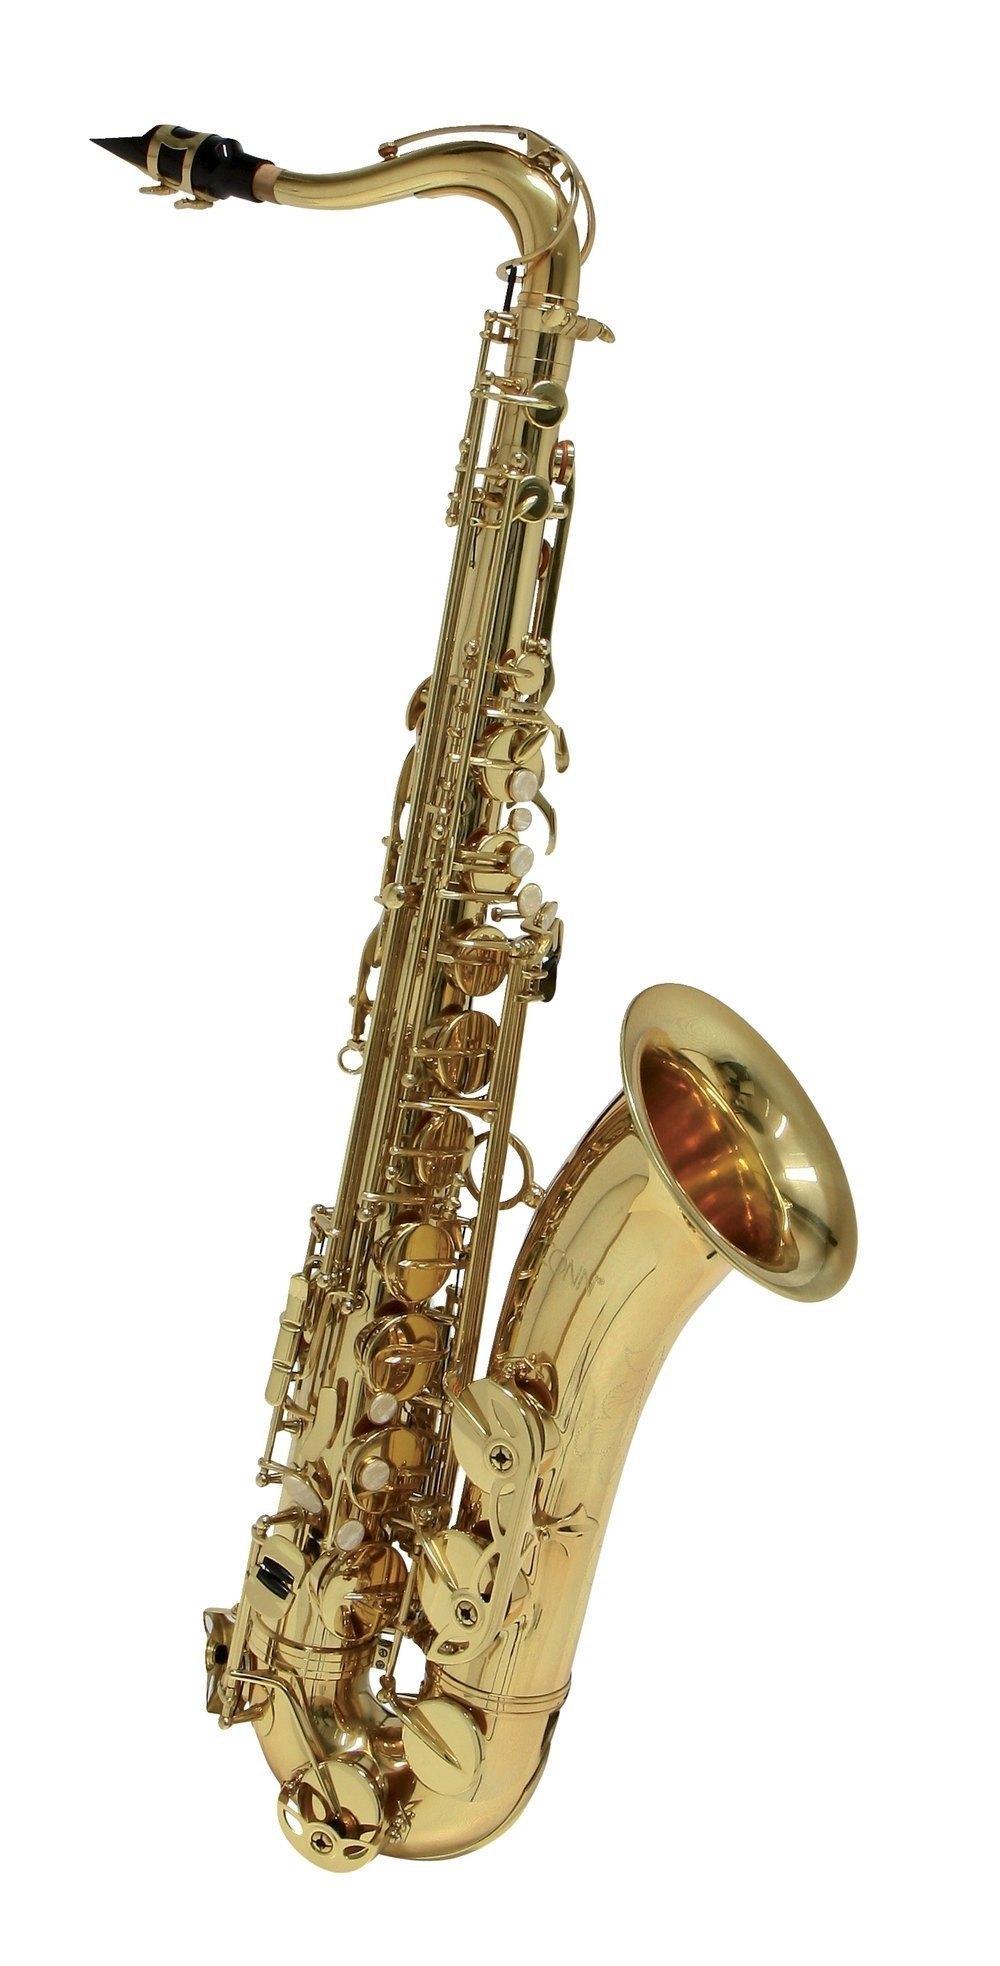 Conn - TS - 650 - Holzblasinstrumente - Saxophone | MUSIK BERTRAM Deutschland Freiburg